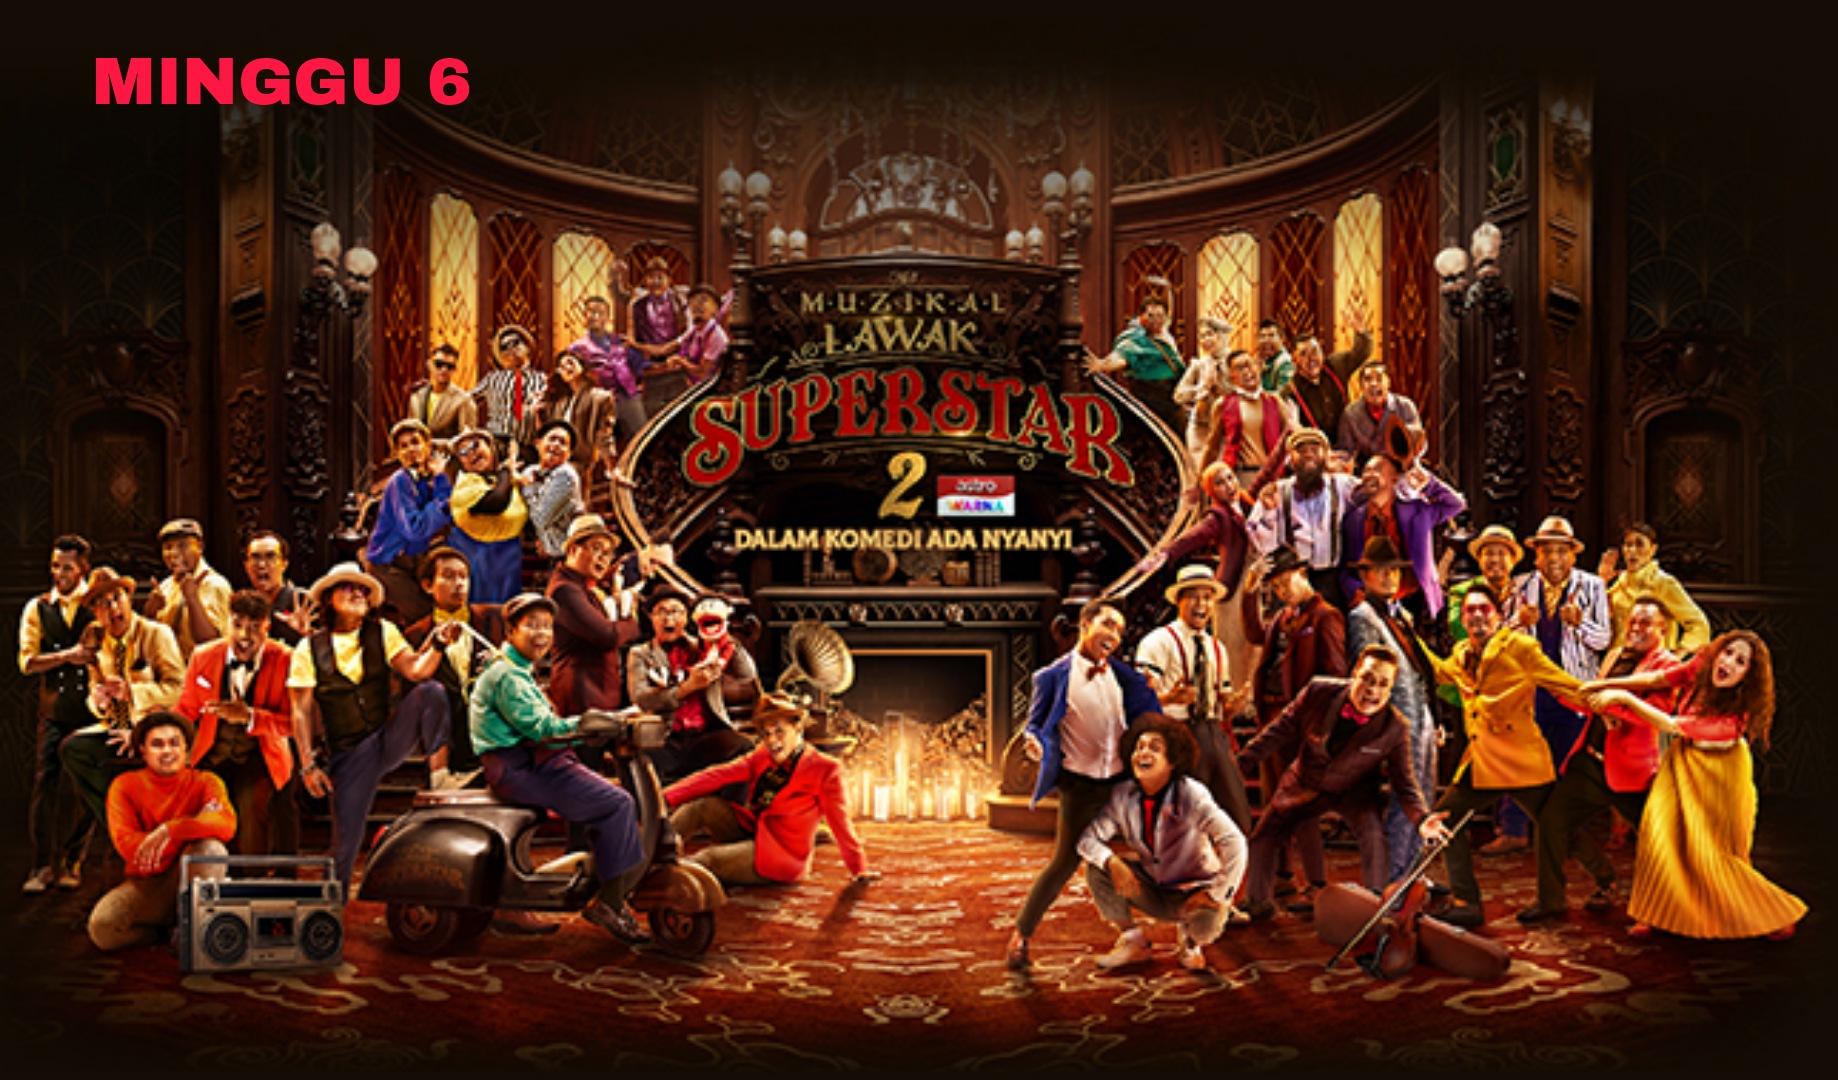 Live Streaming Muzikal Lawak Superstar 2020 Minggu 6 (Siaran Langsung)